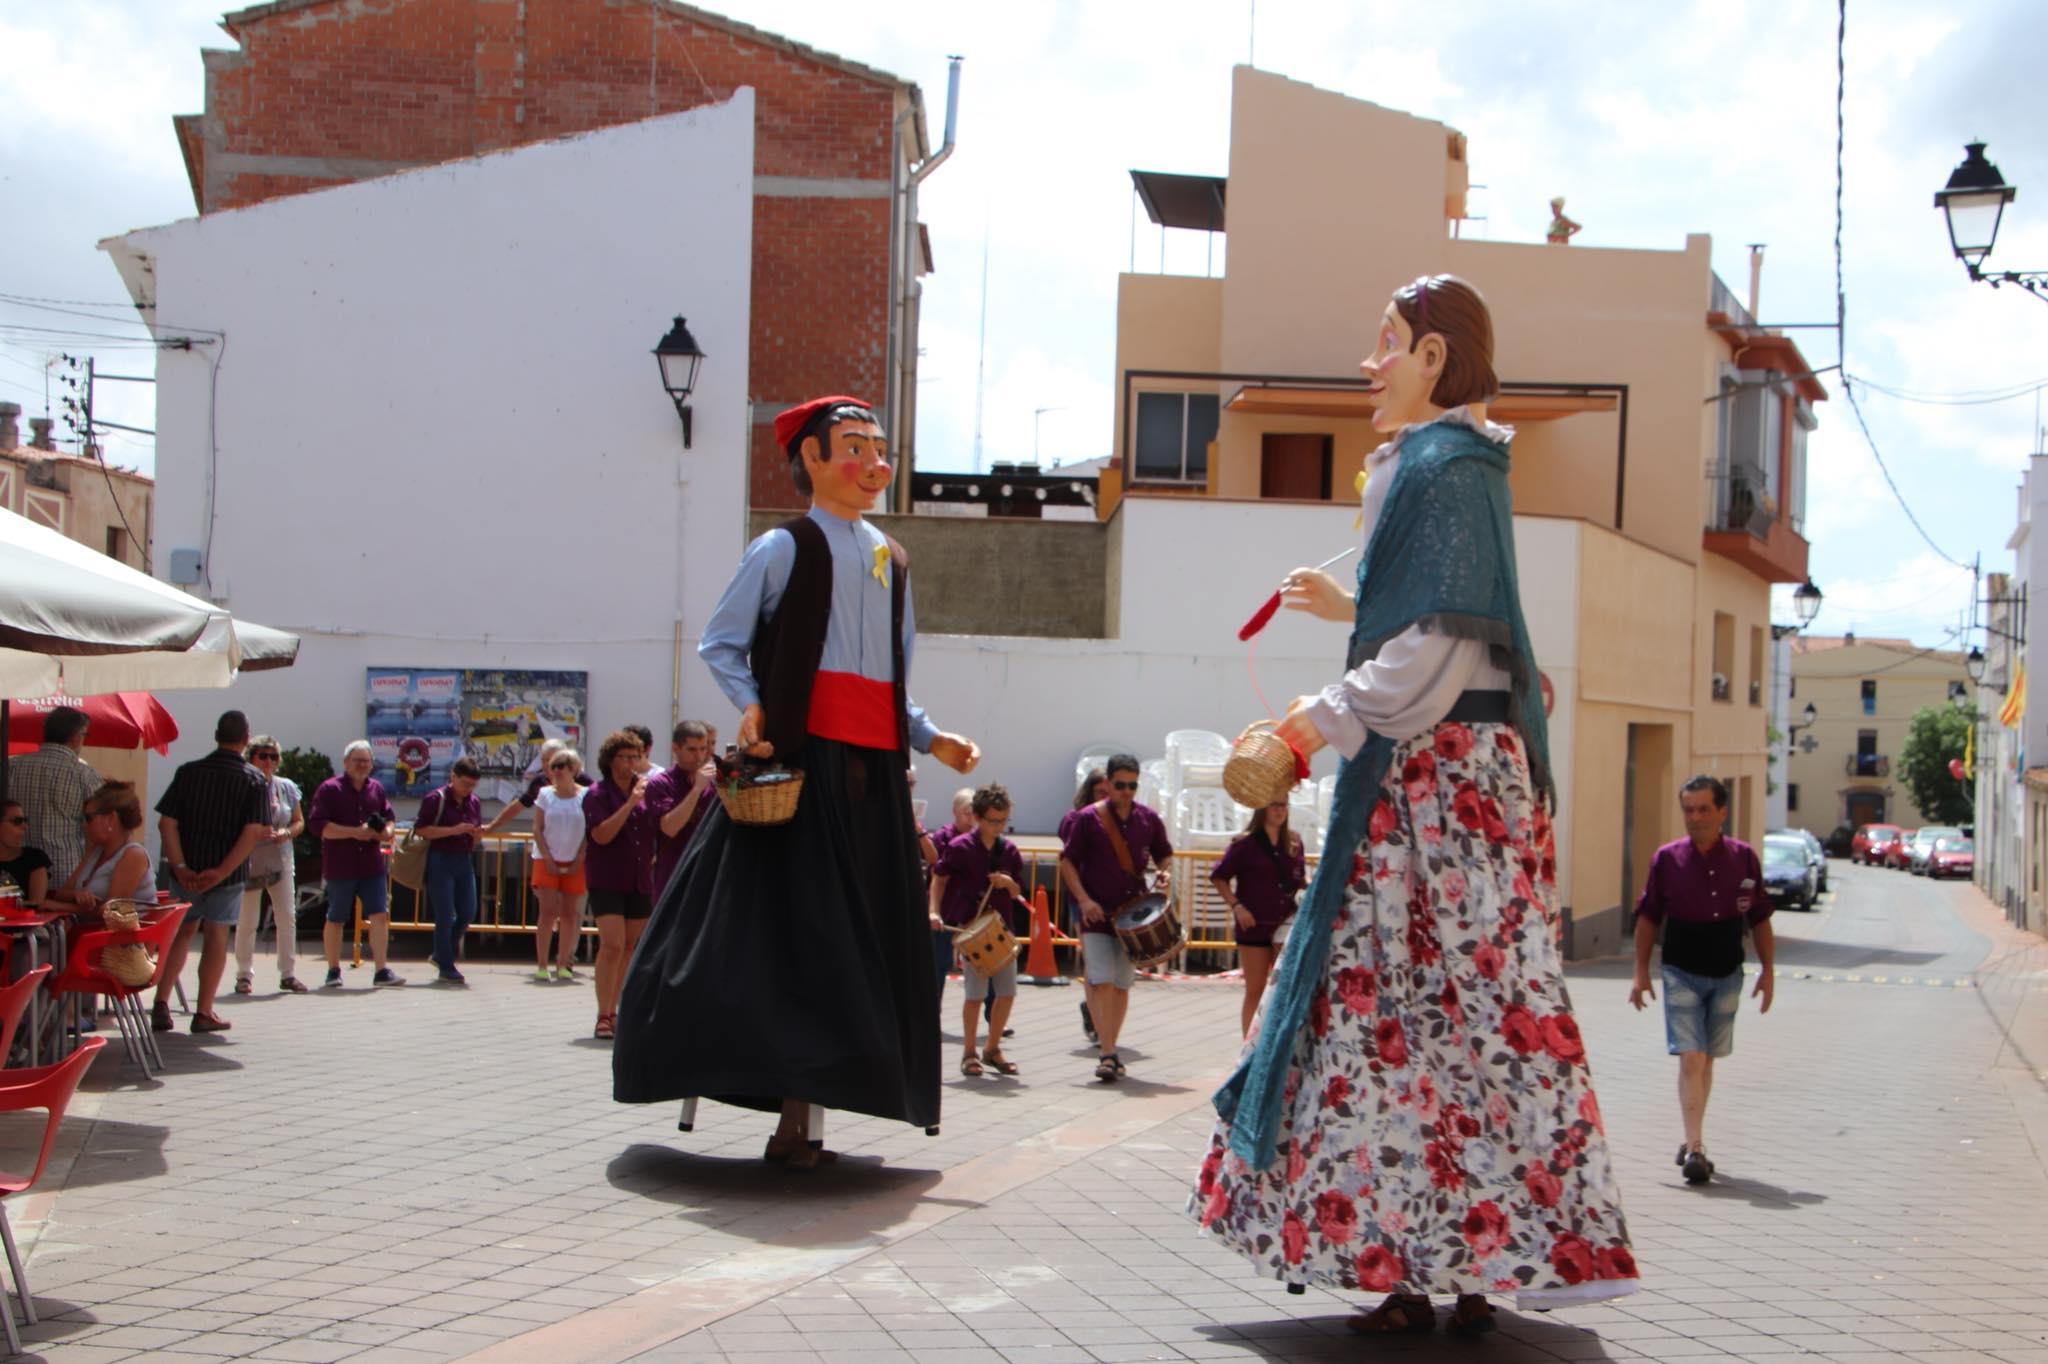 La Societat celebrarà la Festa Major Xica els dies 20 i 21 de juliol